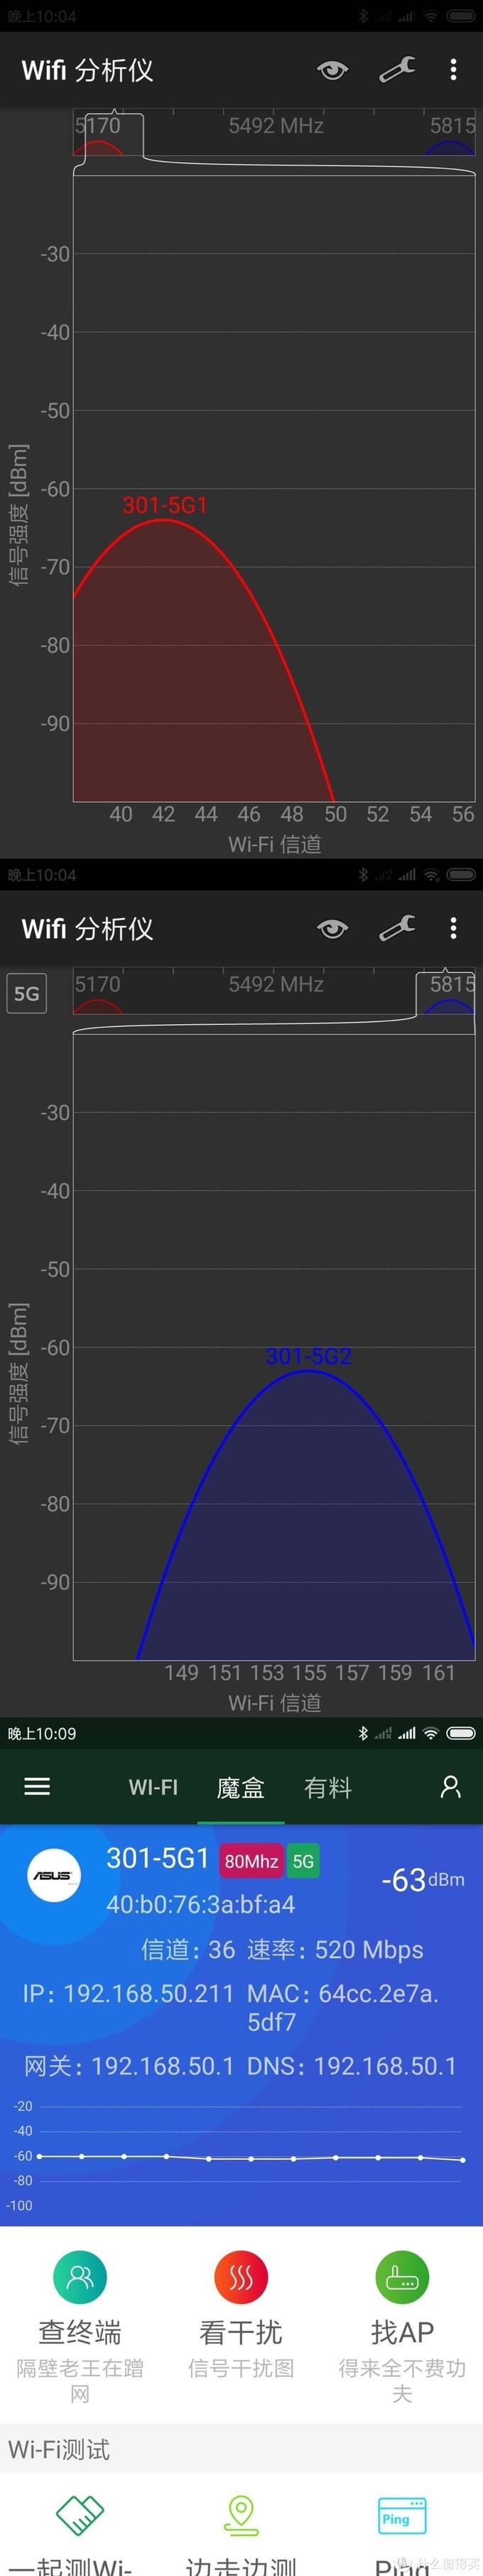 厕所C点信号测试情况